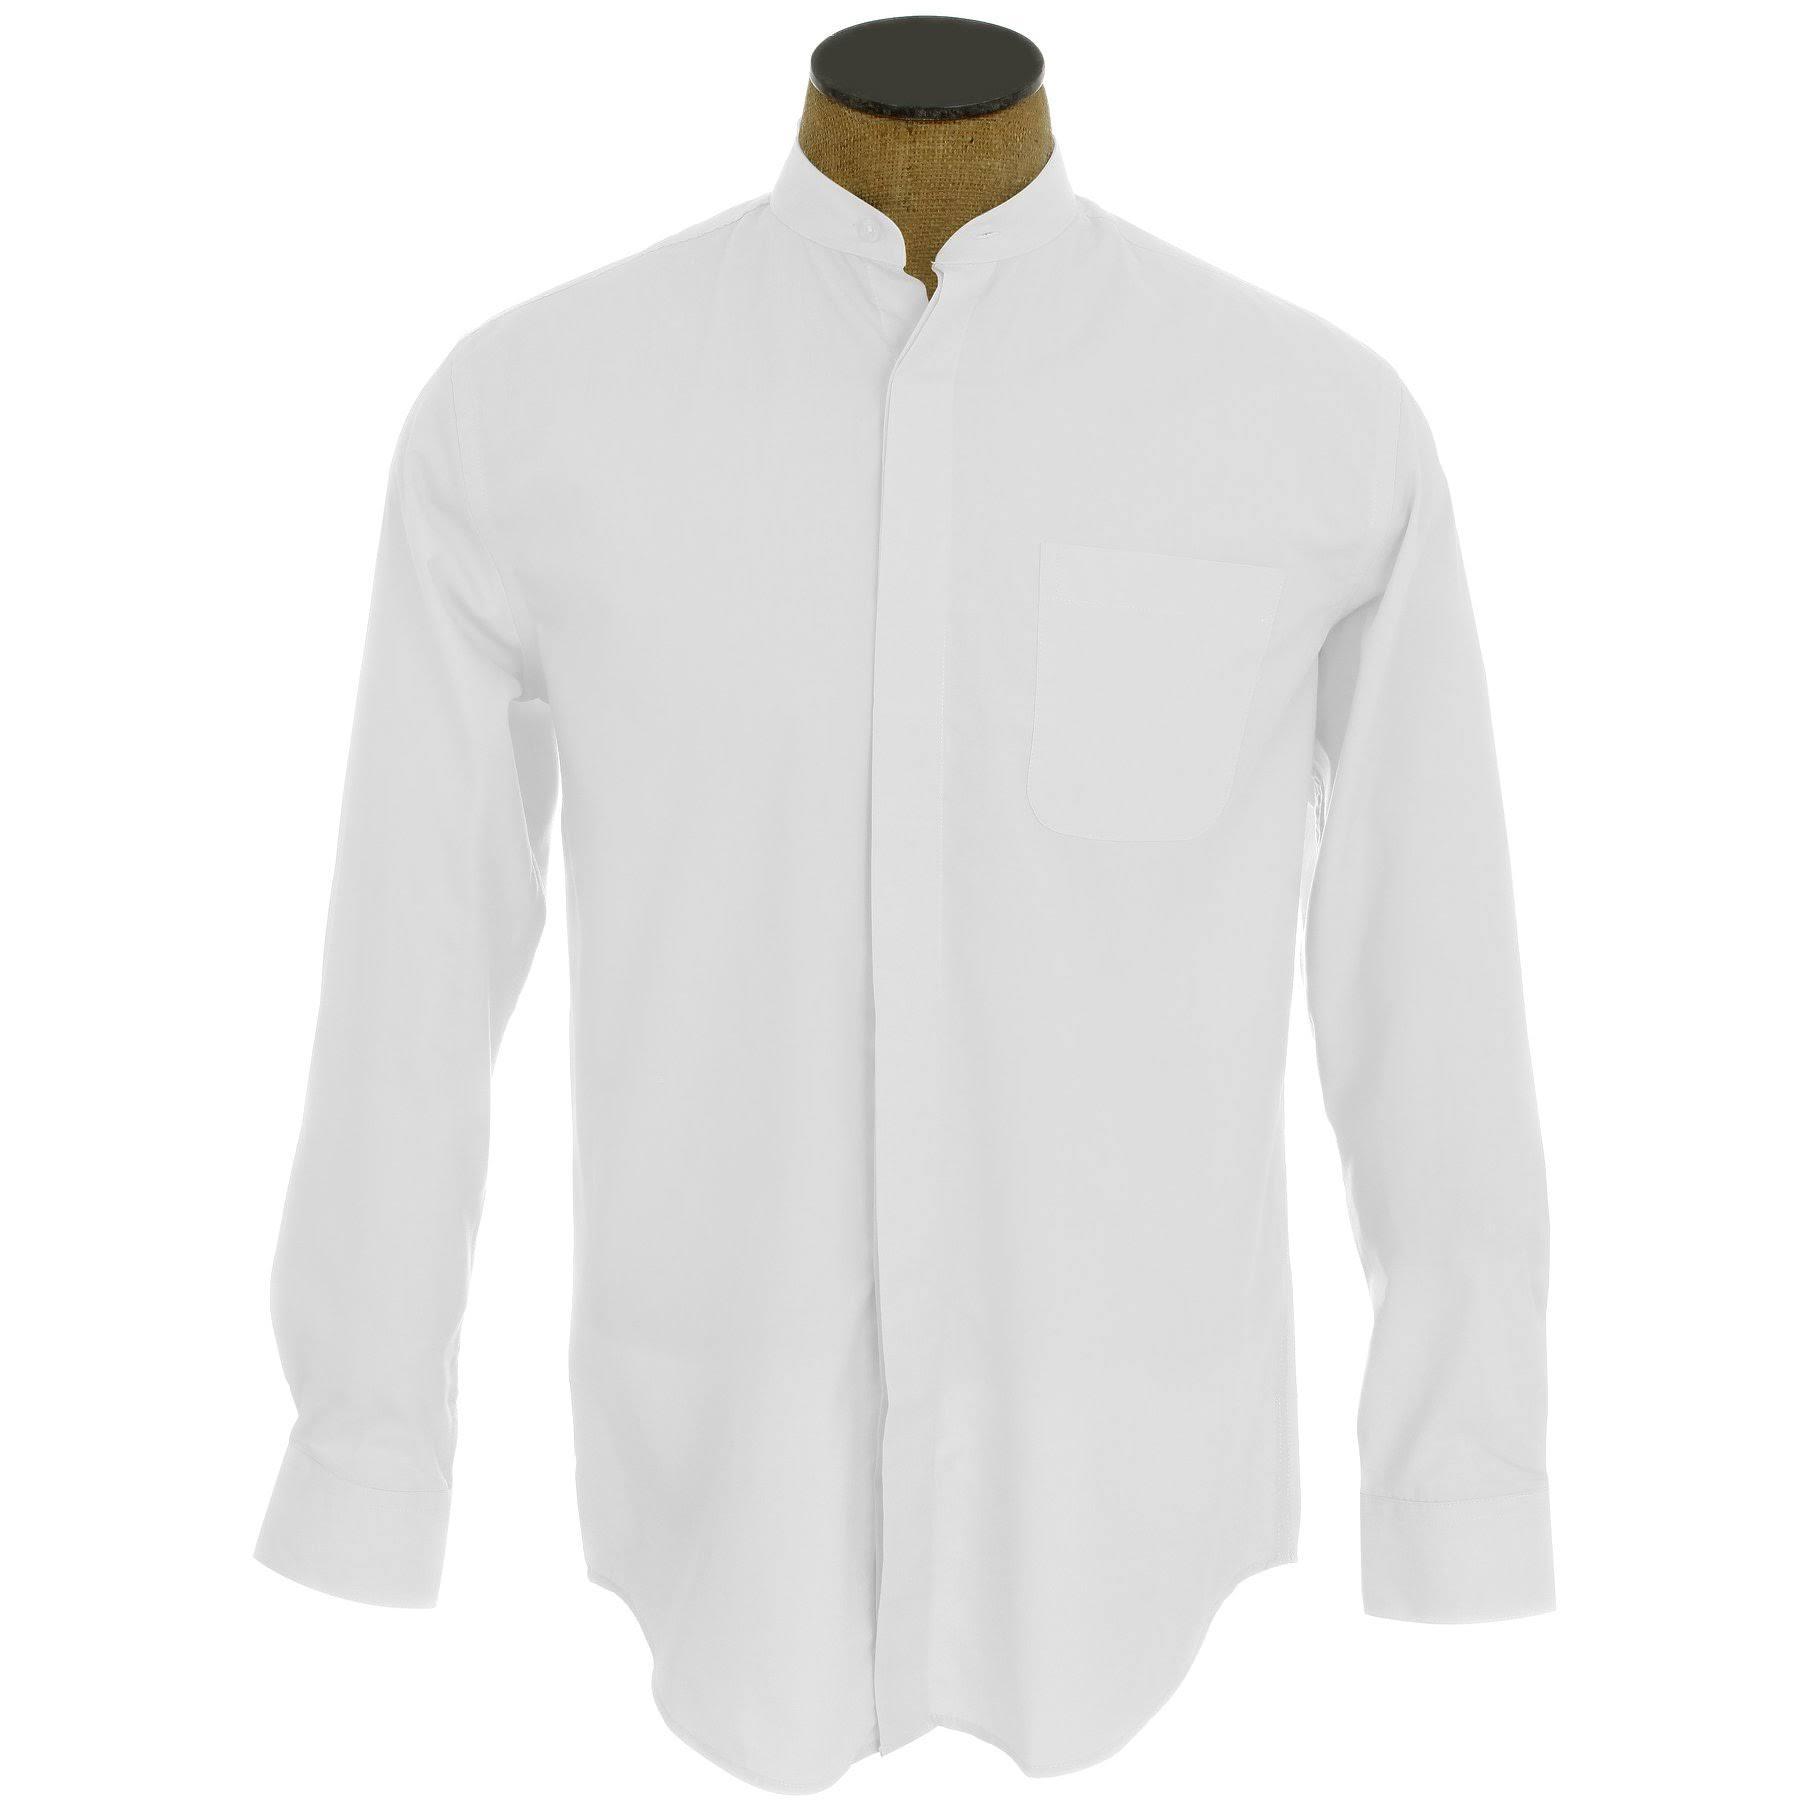 Sin 15 5 De Mangas Blanco Camisa Tamaño Con Vestir Cuello Hombre Blanco Outlet Para Sunrise RqpSxAT